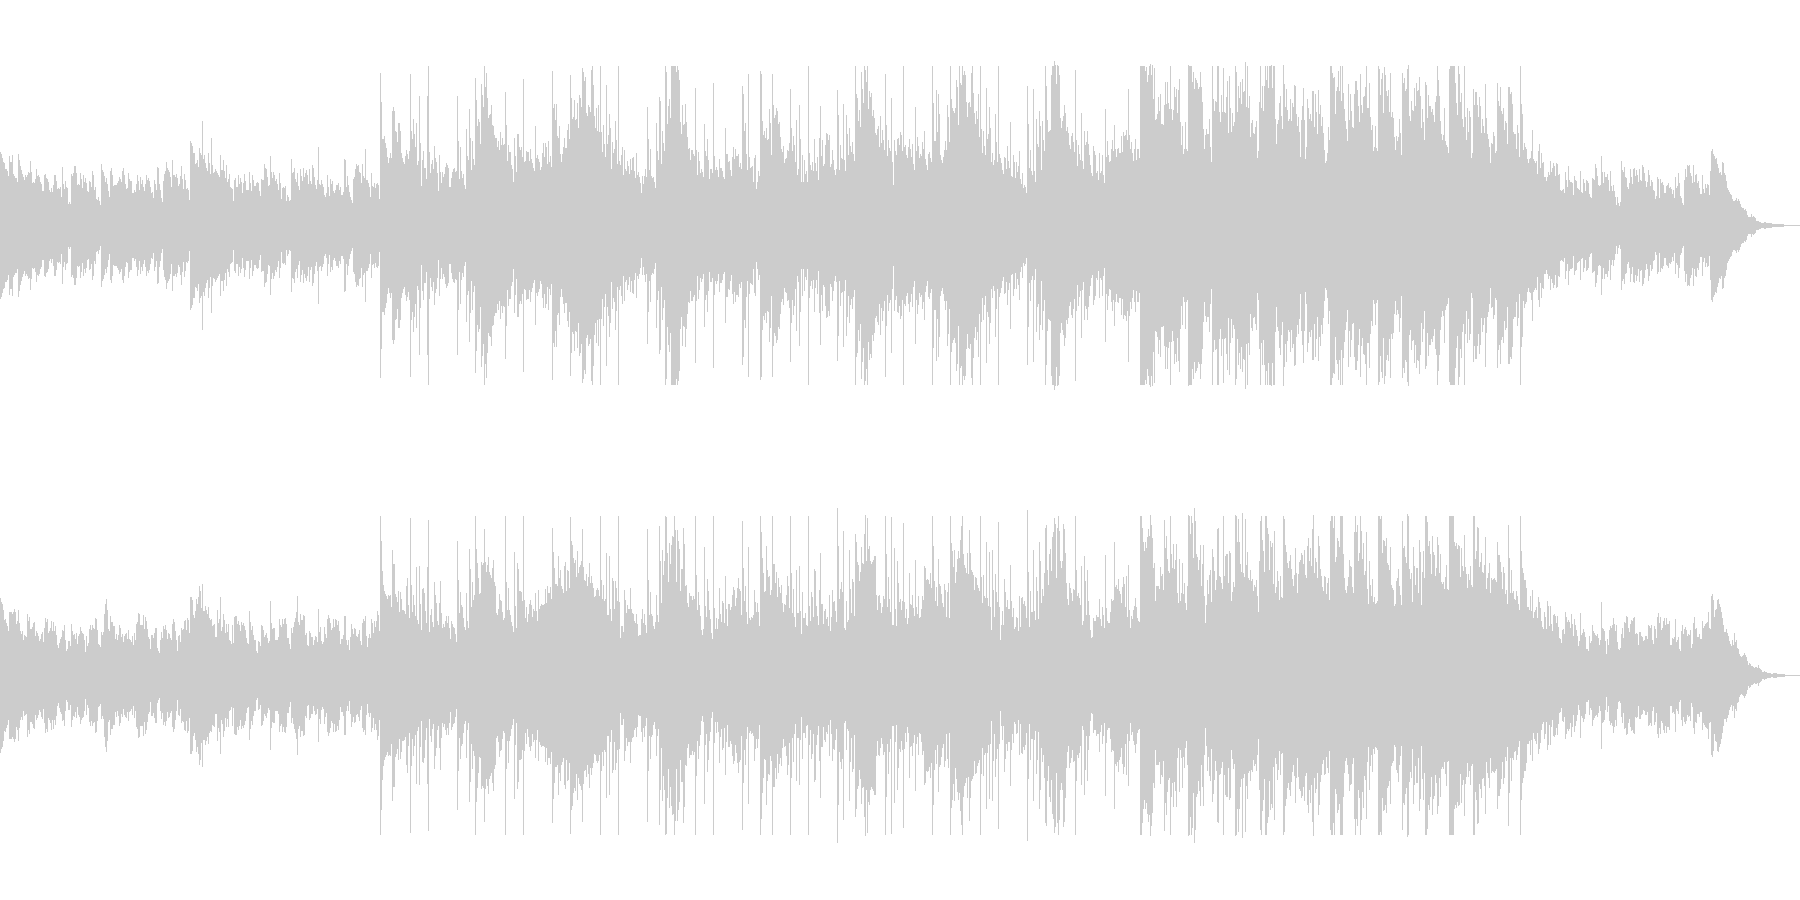 落ち着きのある綺麗なシンセサイザー曲の未再生の波形